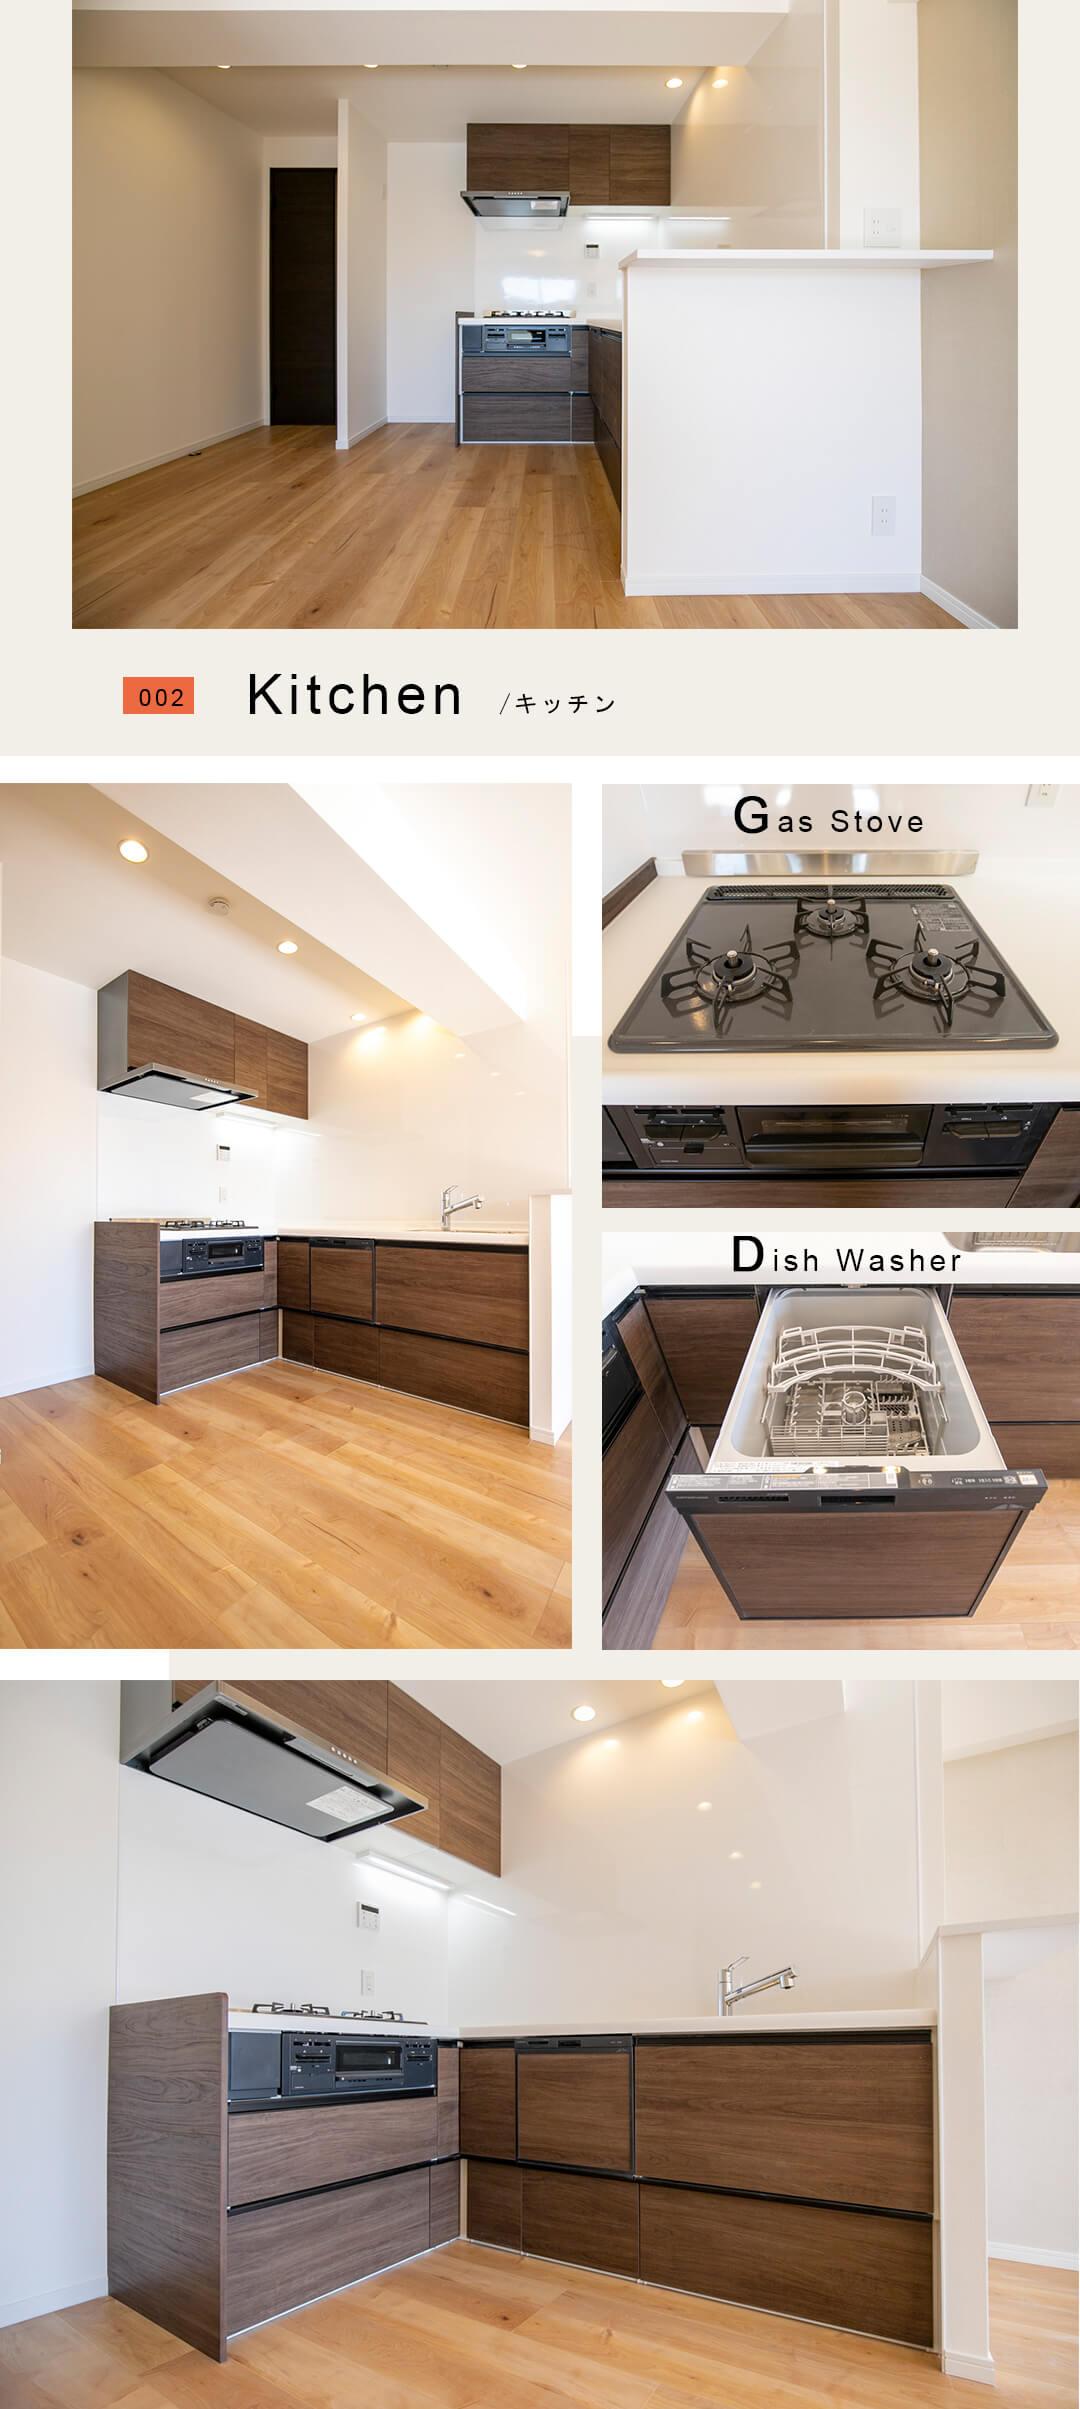 002,kitchen,キッチン